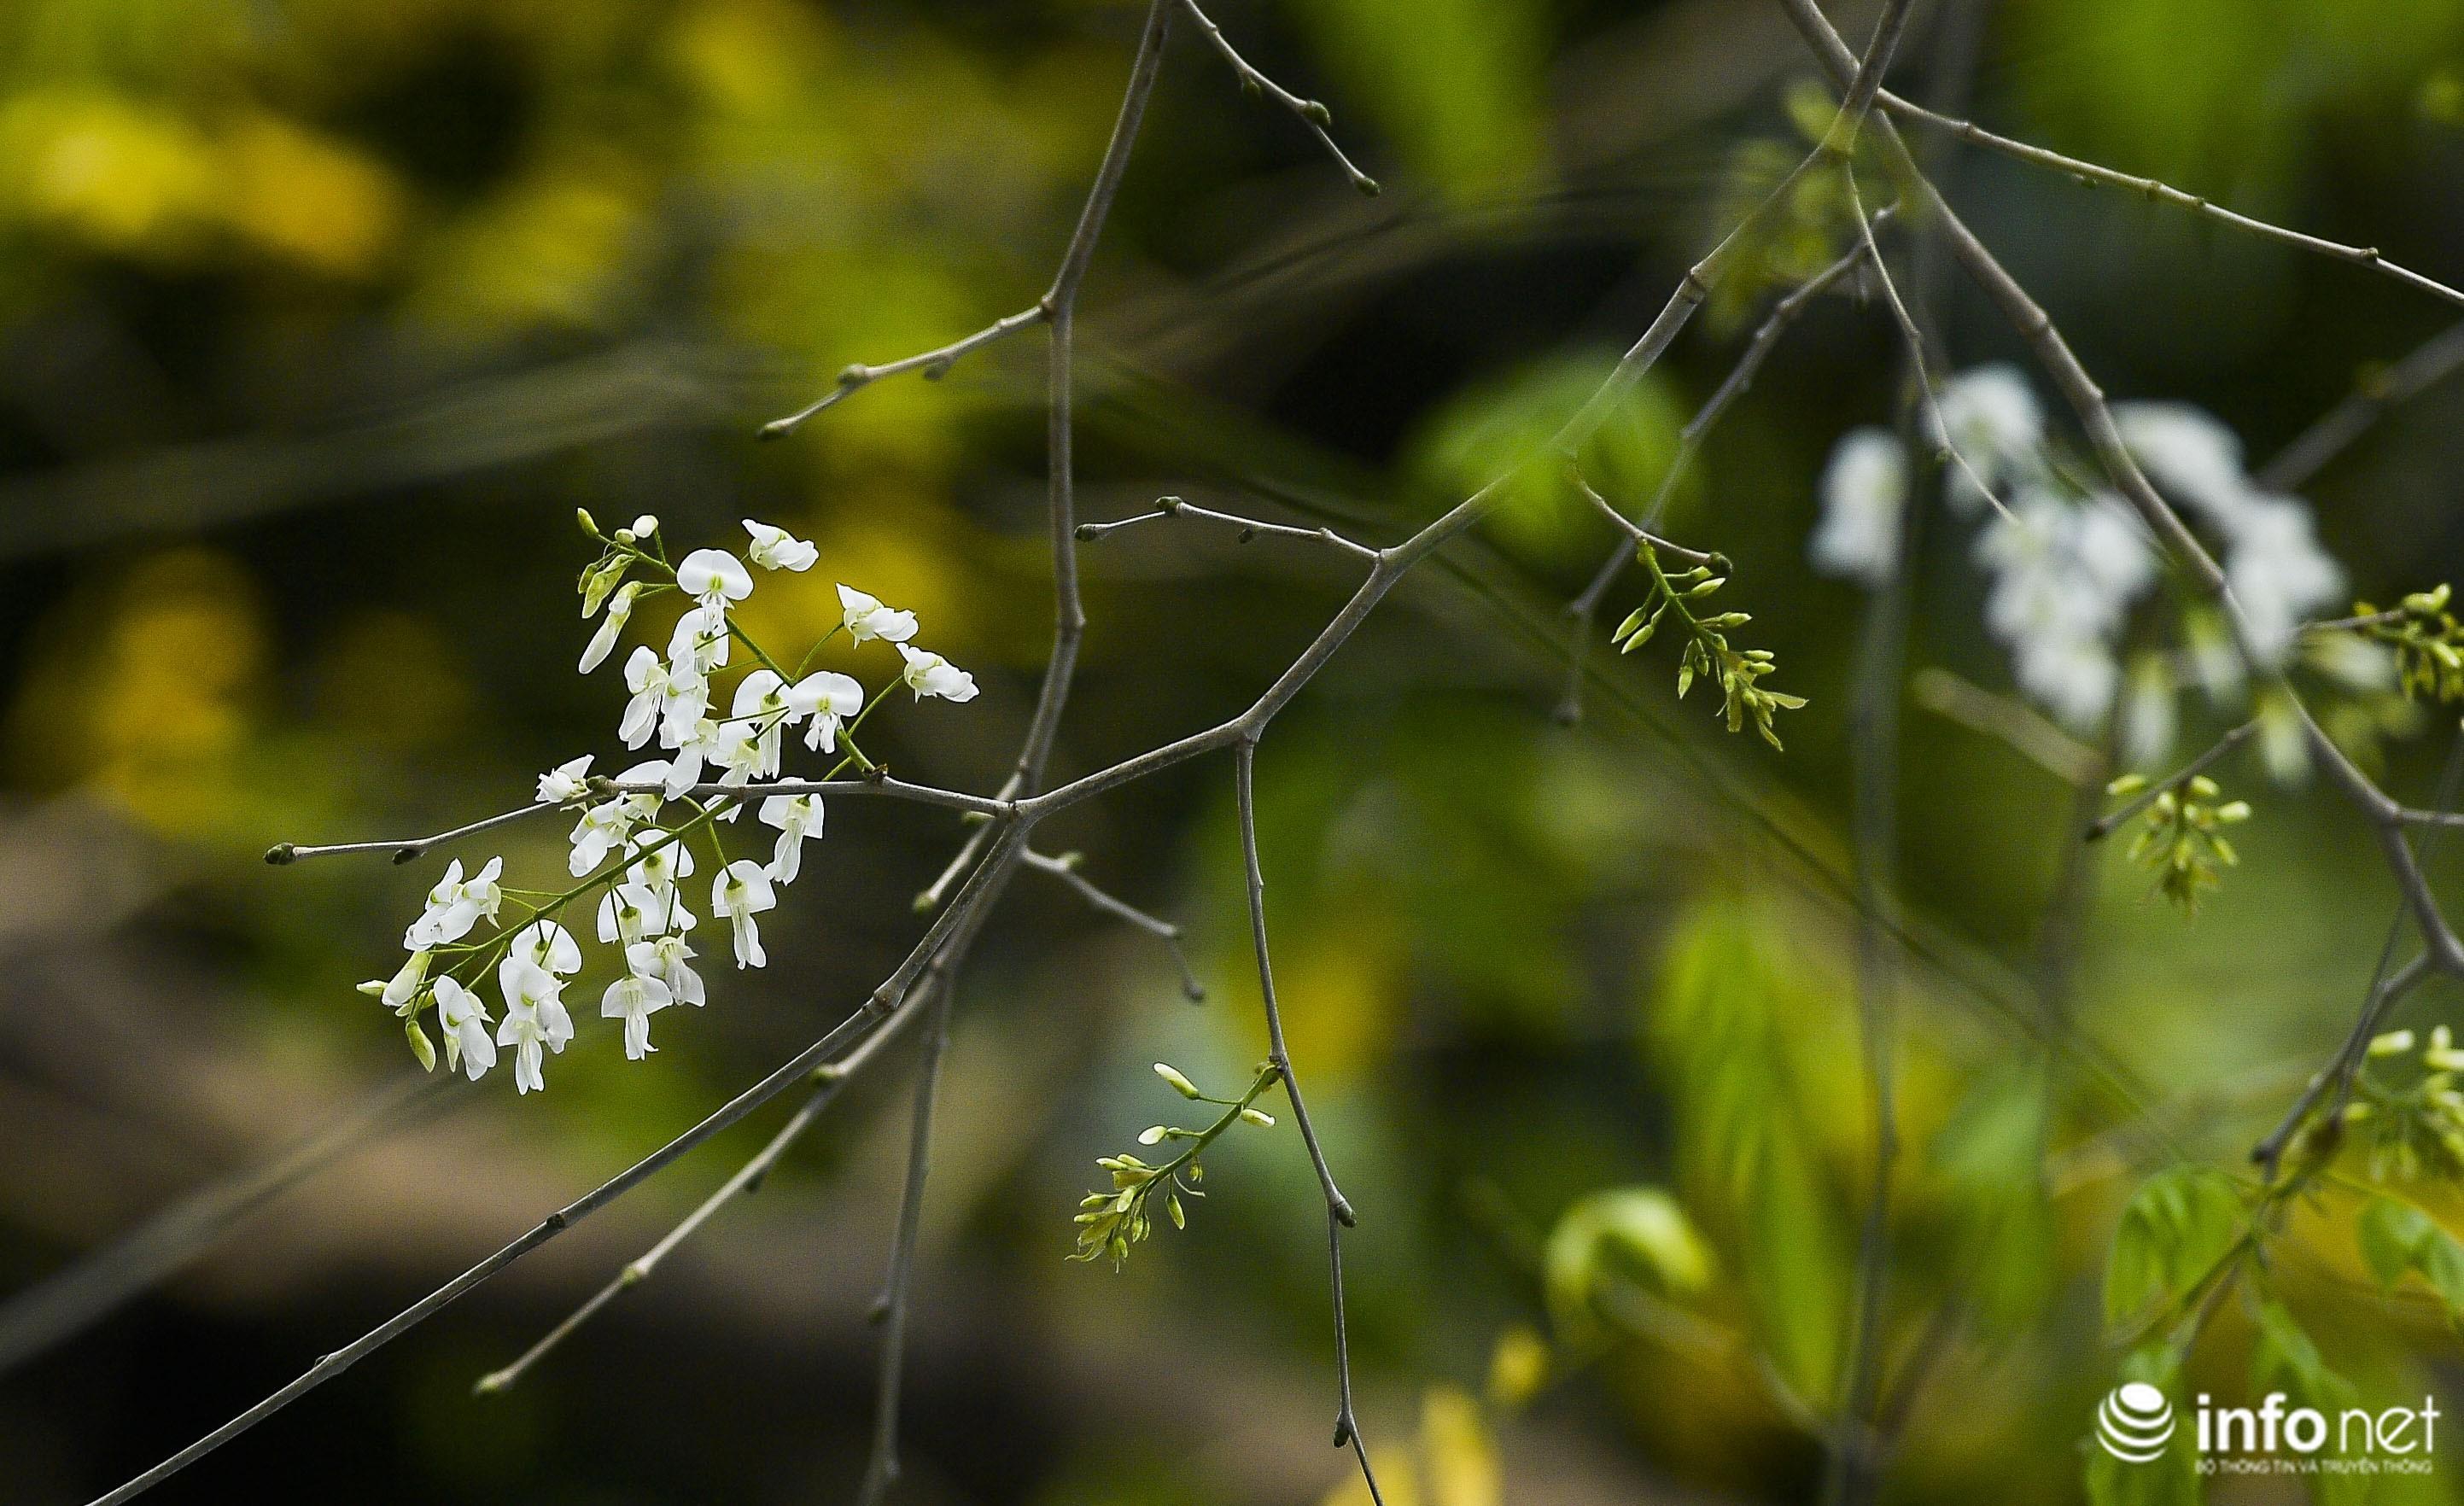 Ngắm hoa sưa nở trắng phố phường Hà Nội Ảnh 7